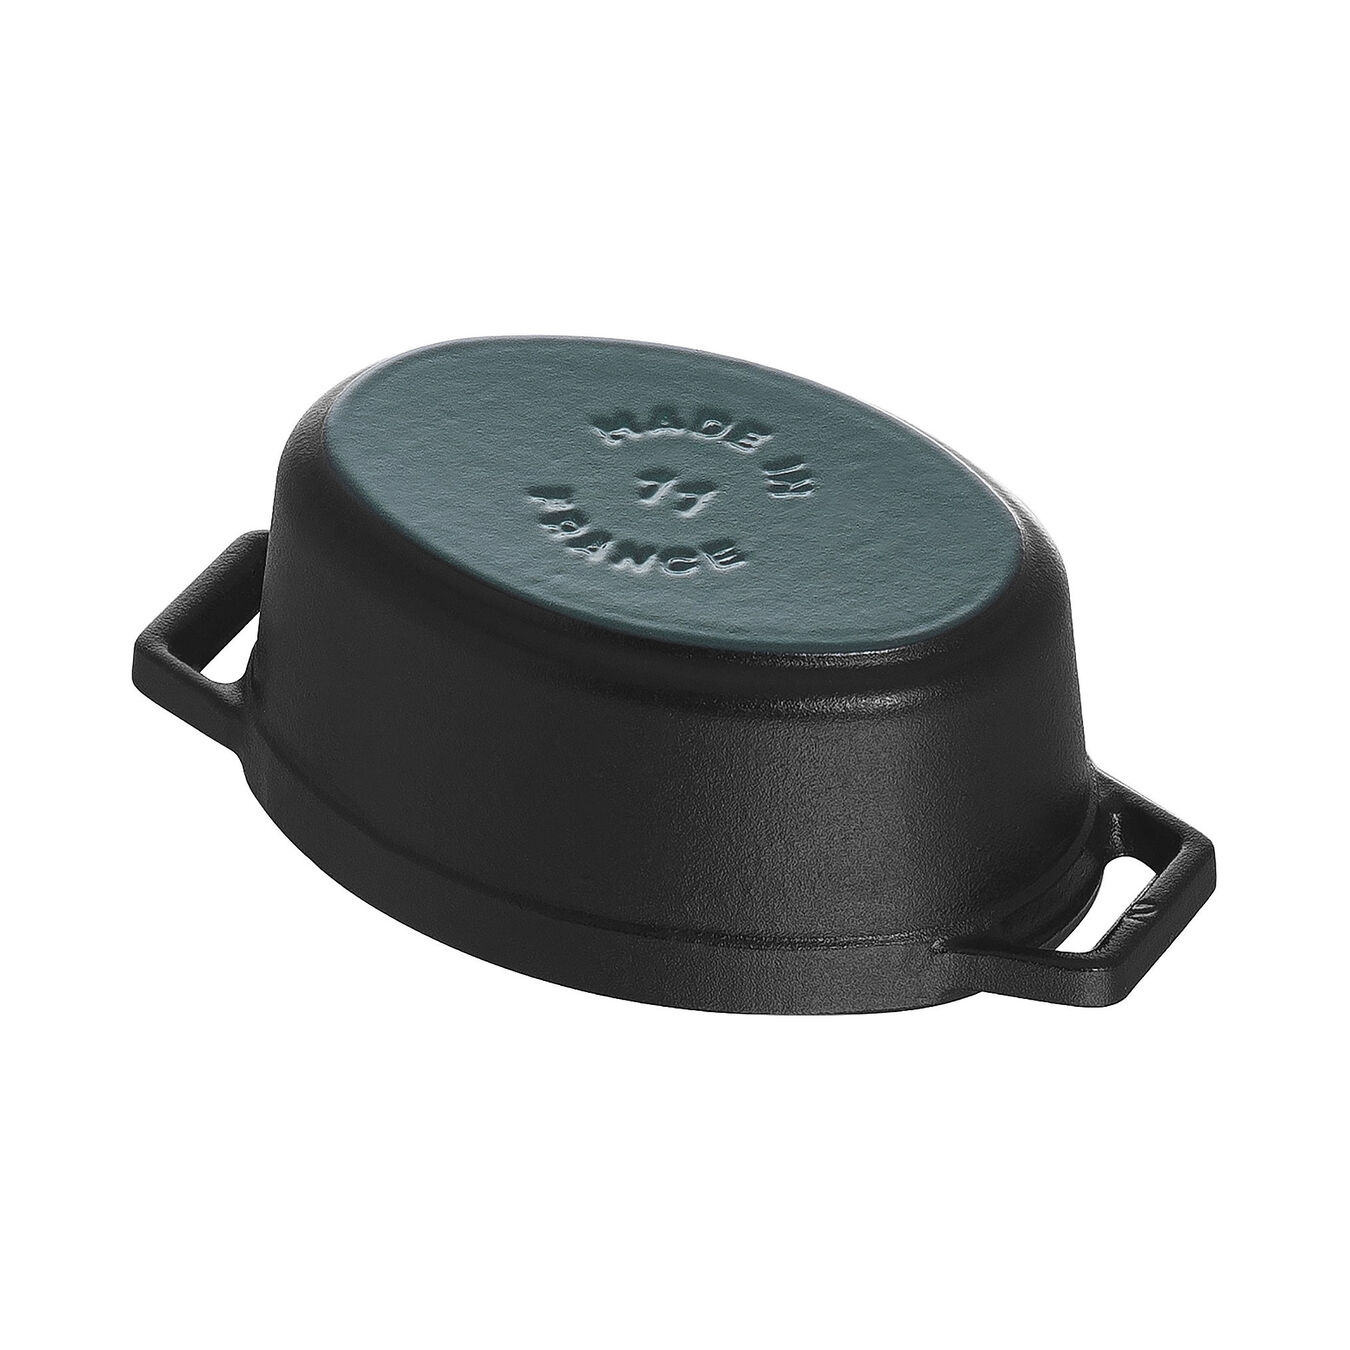 Mini Cocotte 11 cm, oval, Preto, Ferro fundido,,large 5